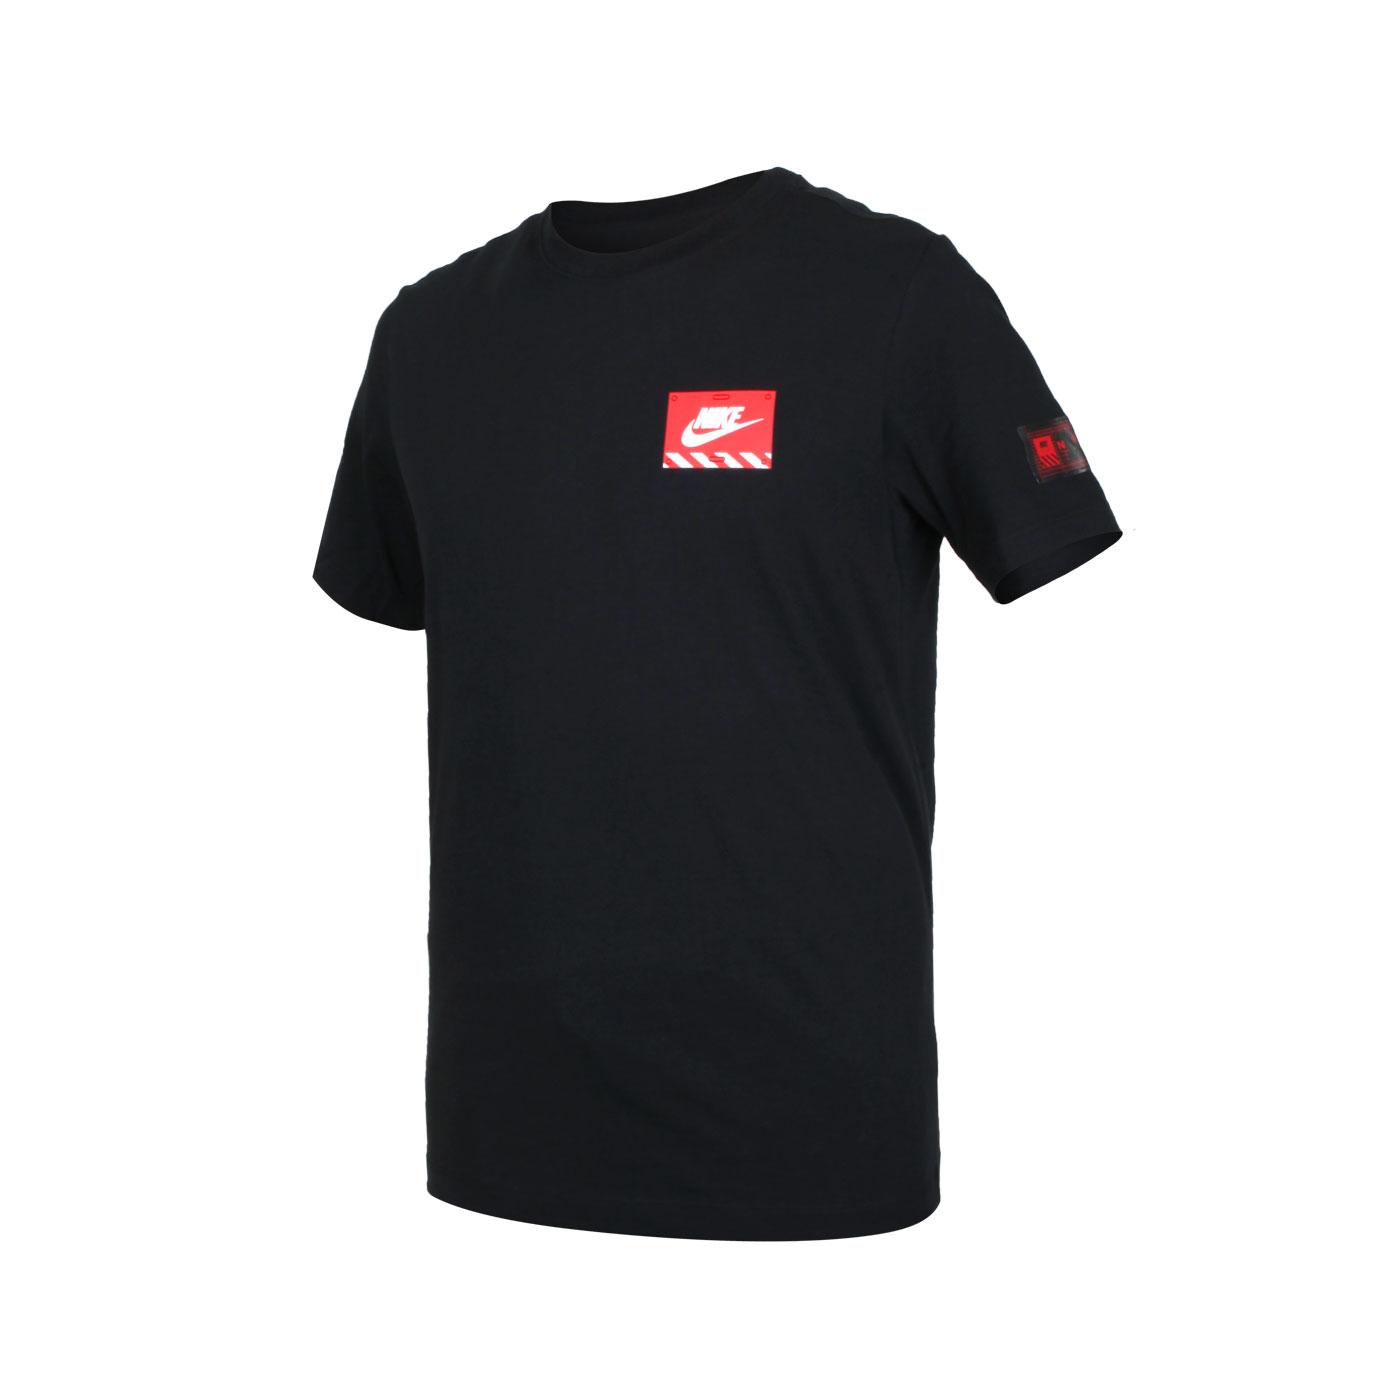 NIKE 男款短袖T恤 DJ1398-010